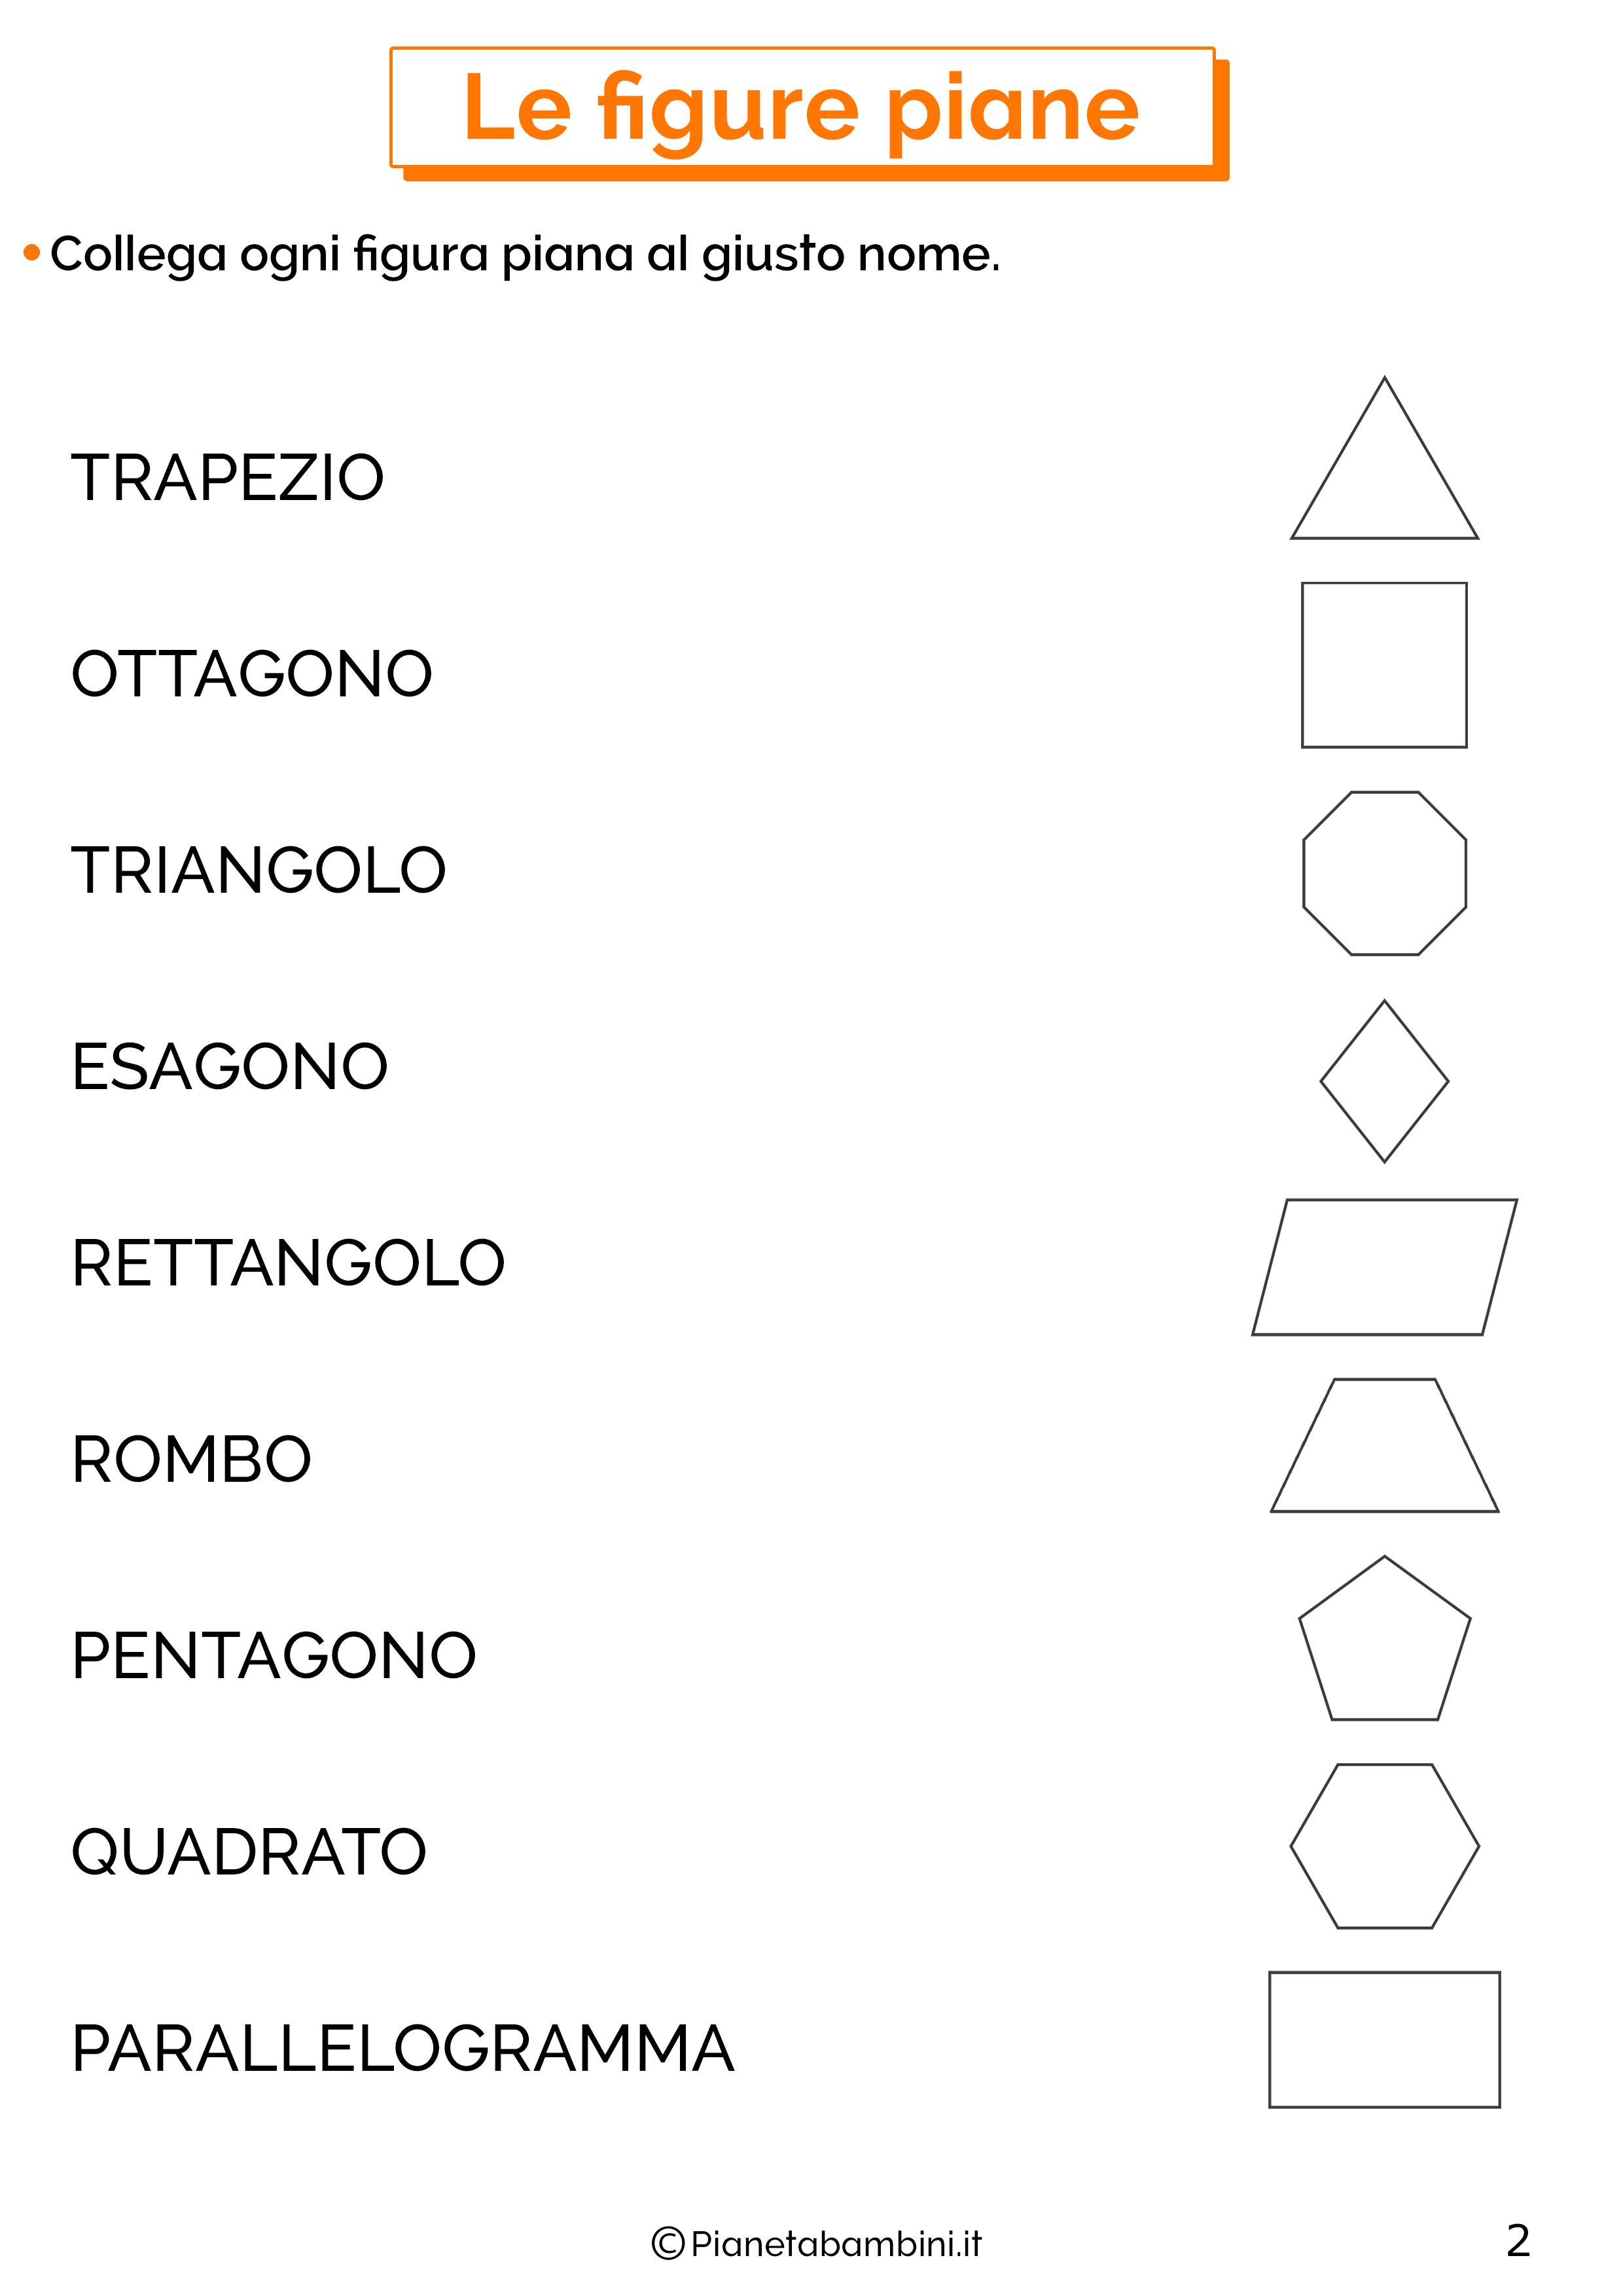 Scheda didattica sulle figure piane 2